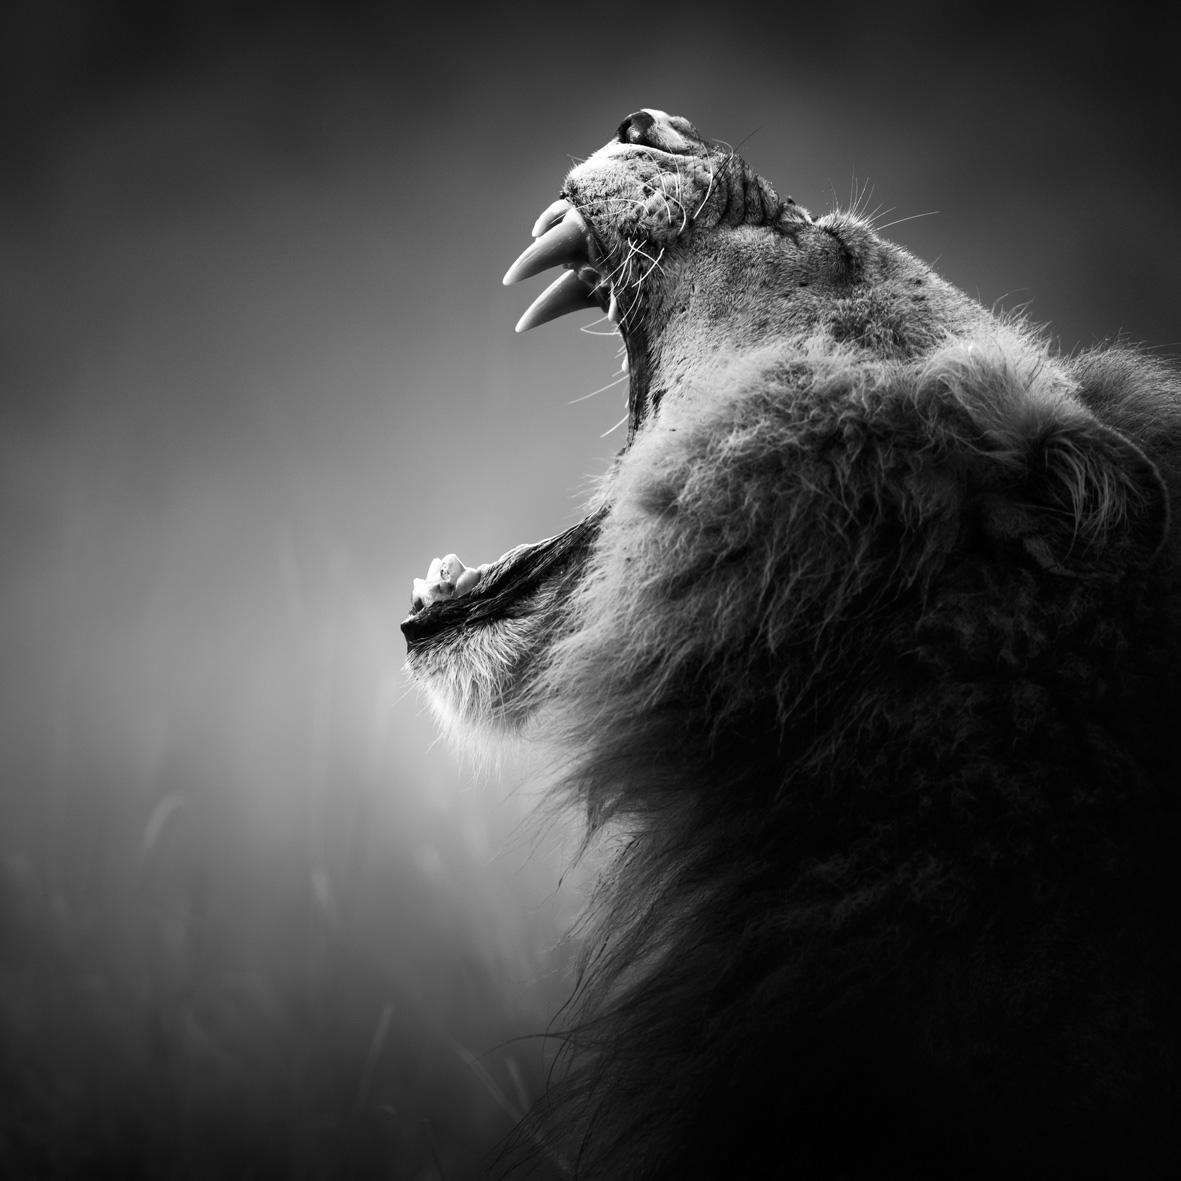 Löwen-Bild auf Edelstahl